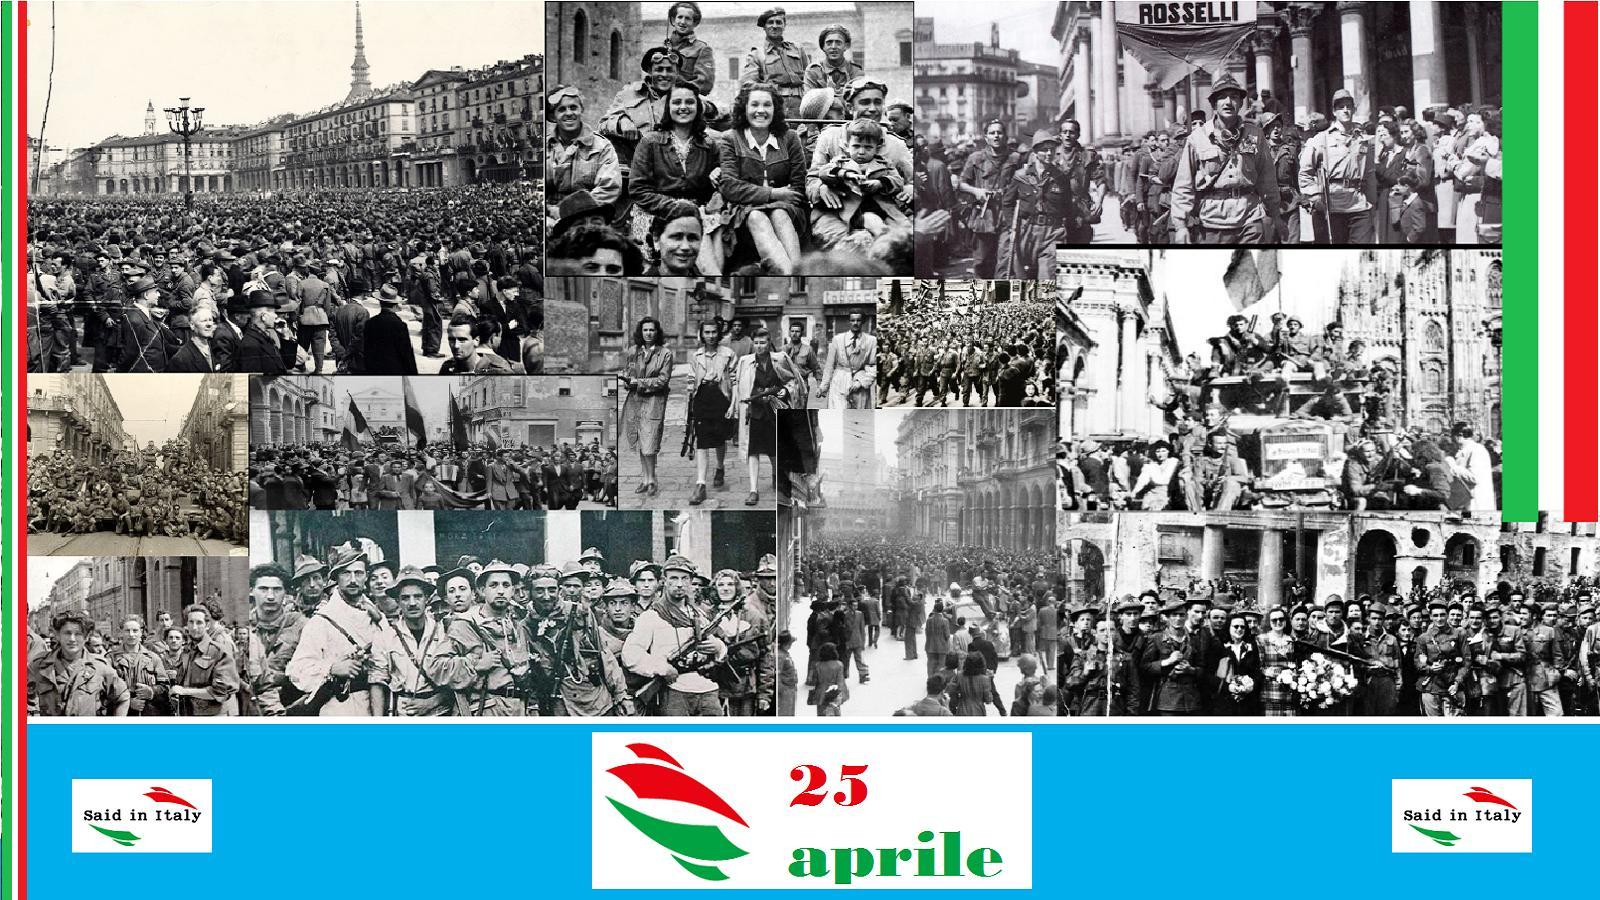 25 aprile liberazione 004